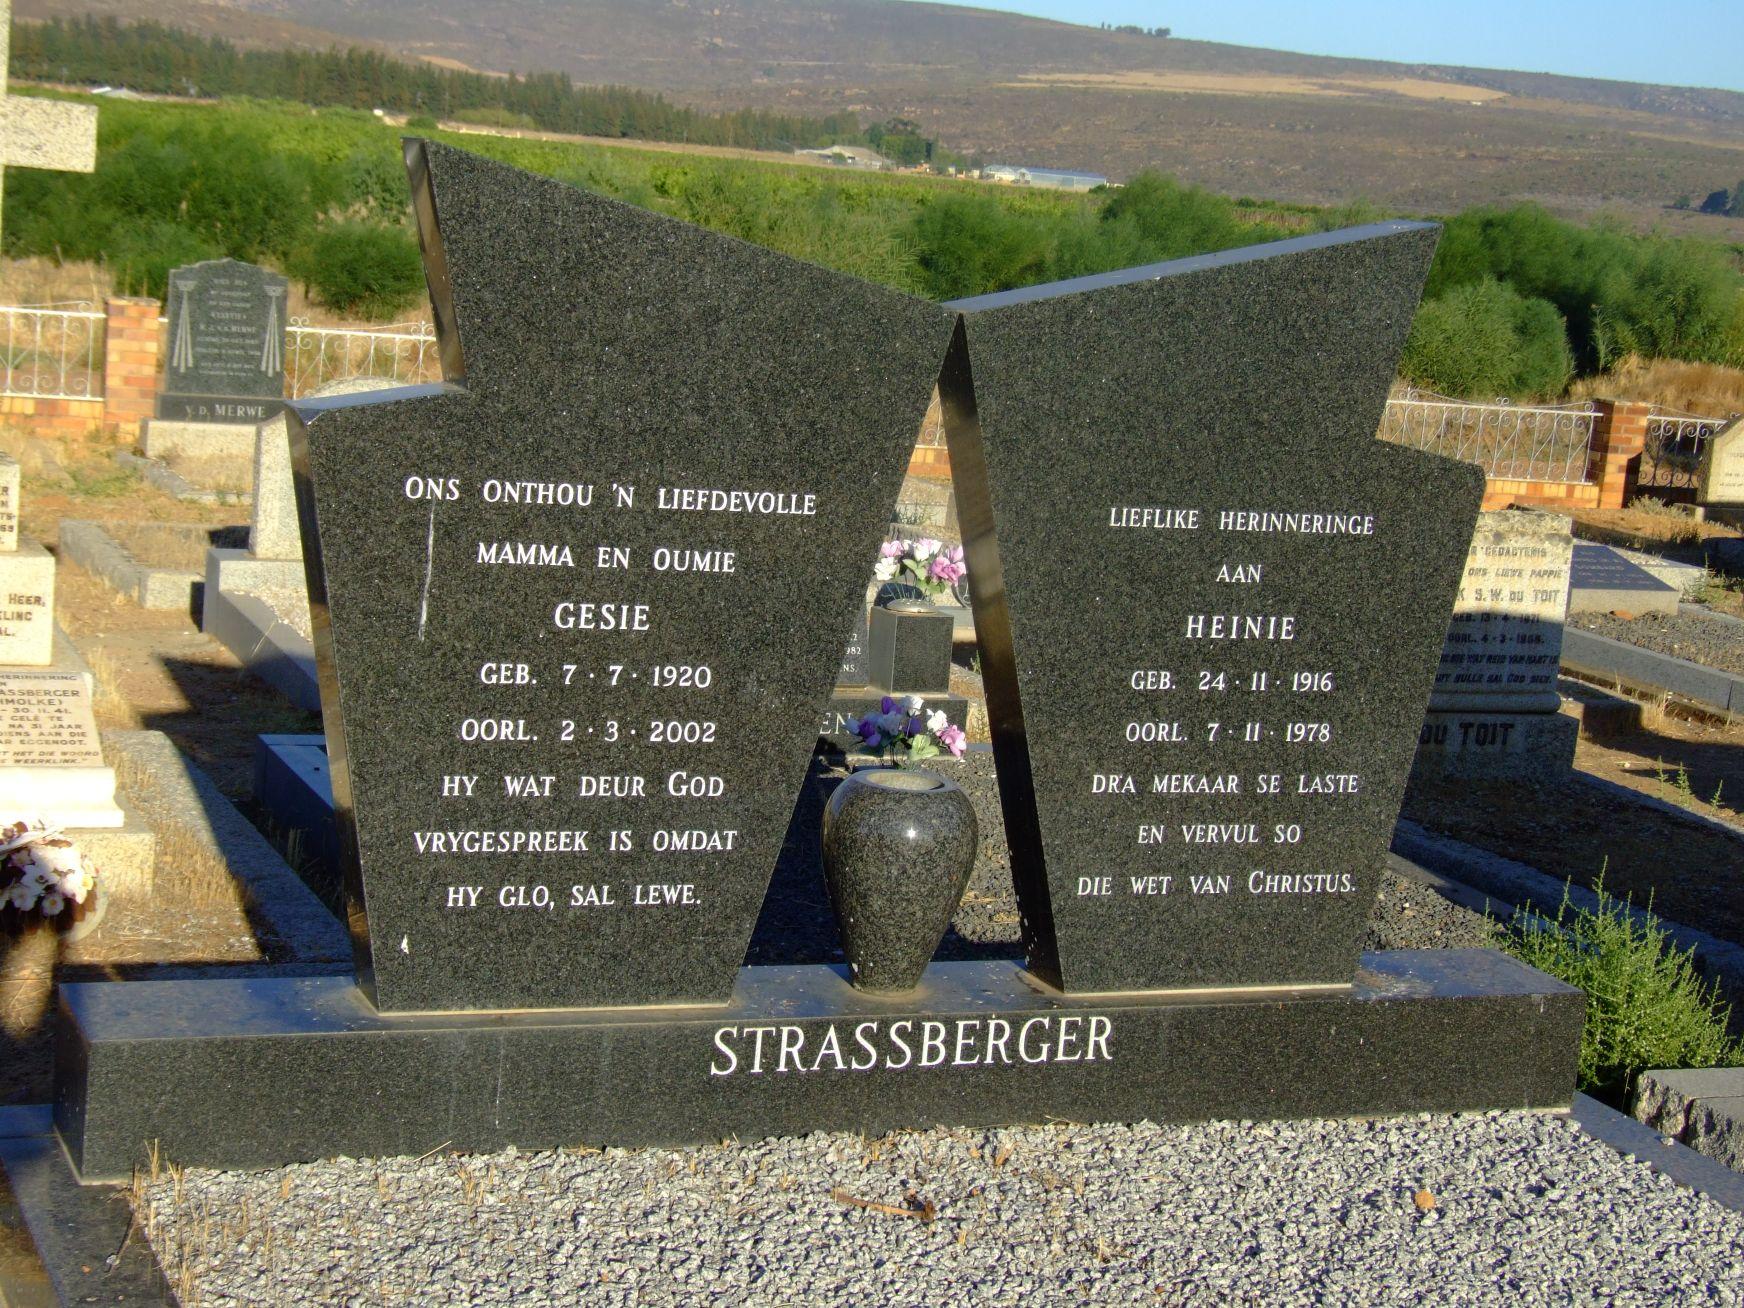 Strassberger, Gesie + Strassberger, Heinie